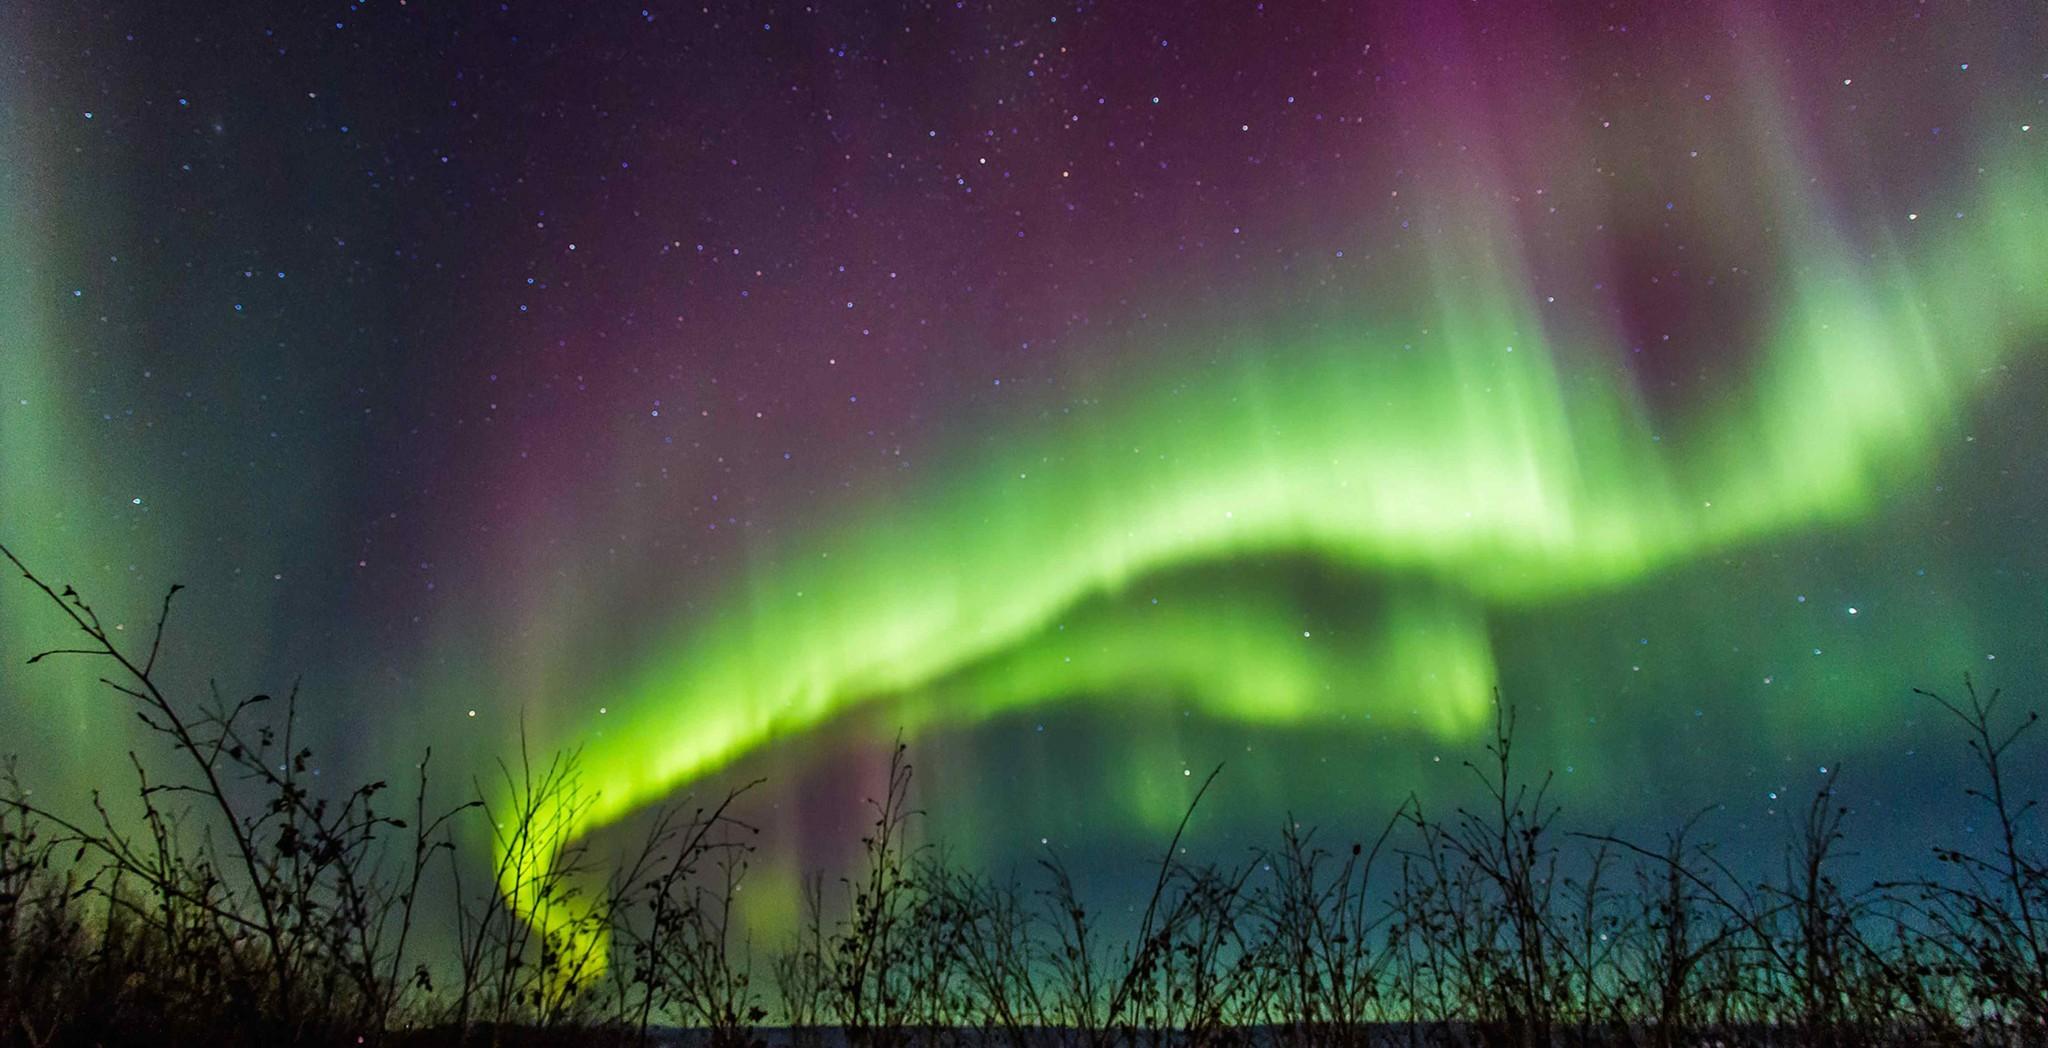 Aurora viewing